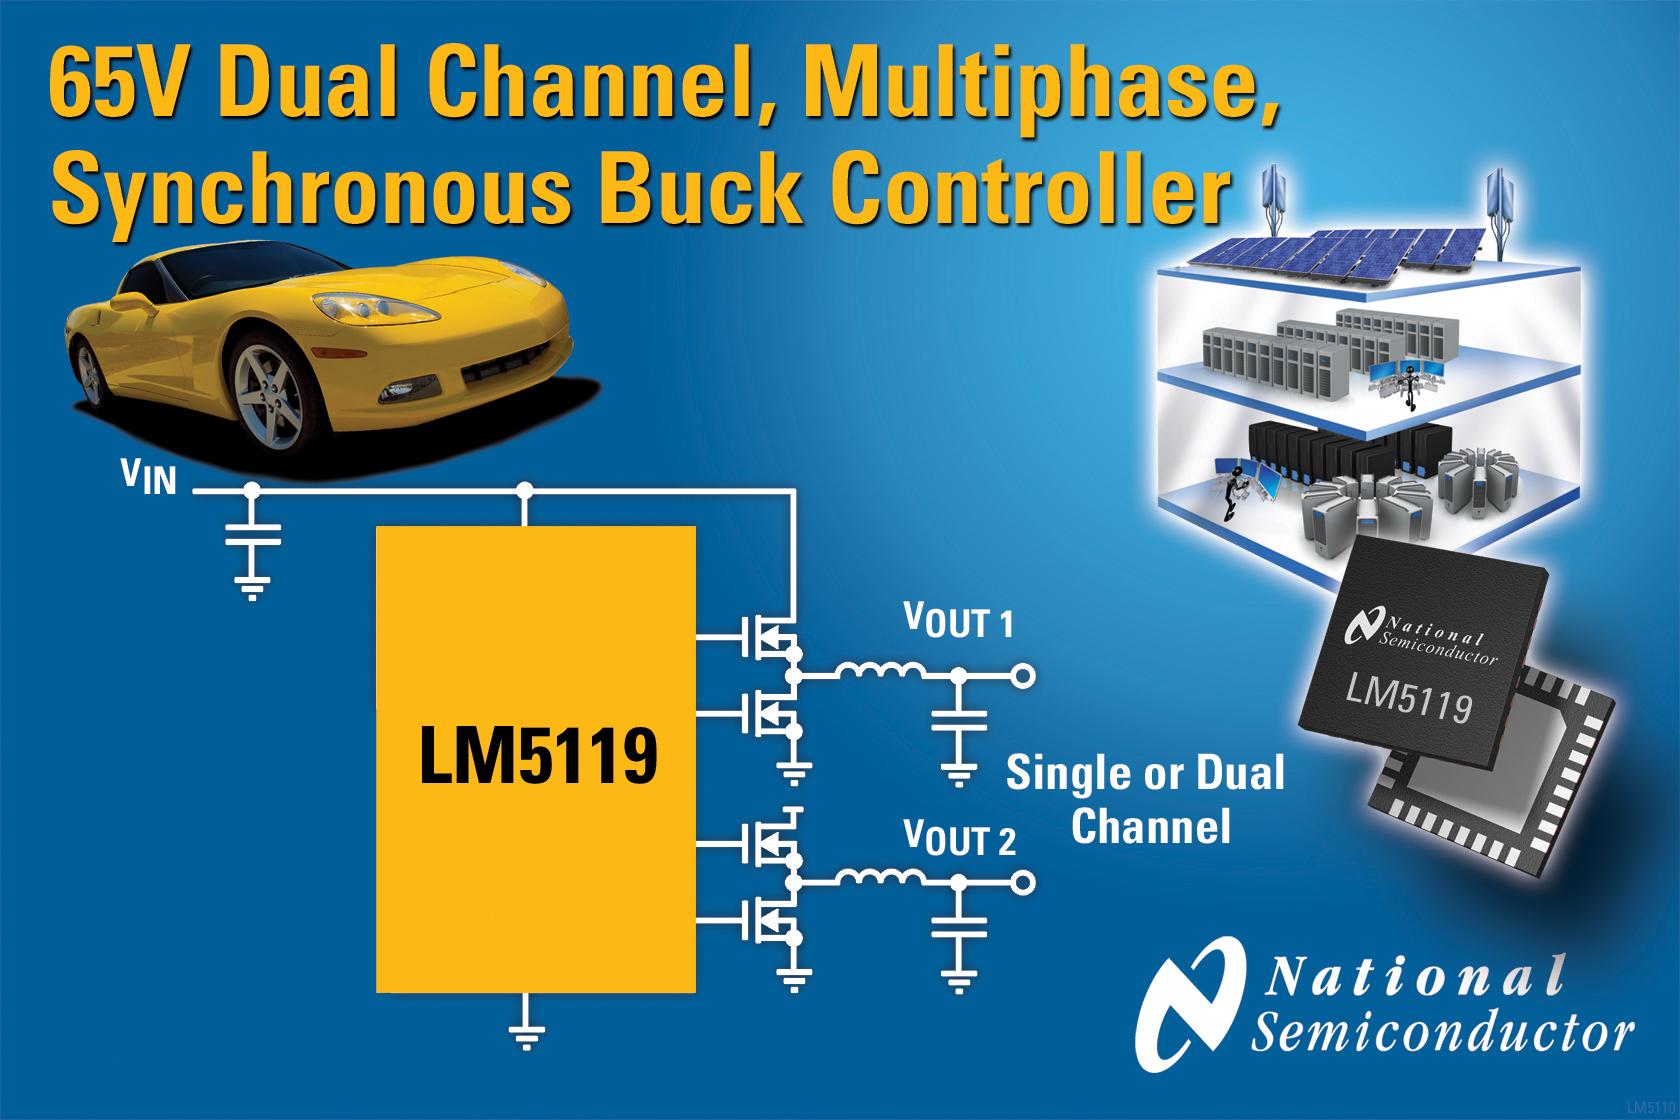 美国国家半导体推出65V双通道、双相同步降压控制器